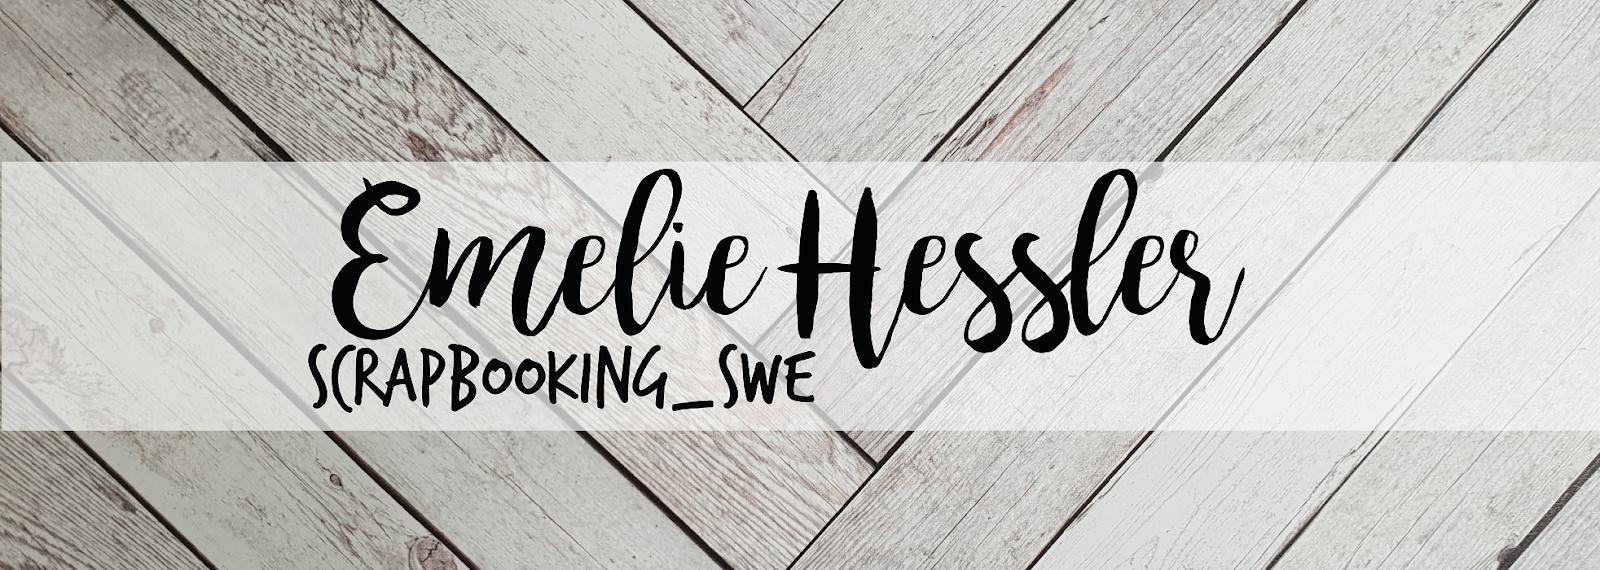 Emelie Hessler Scrapbooking_swe